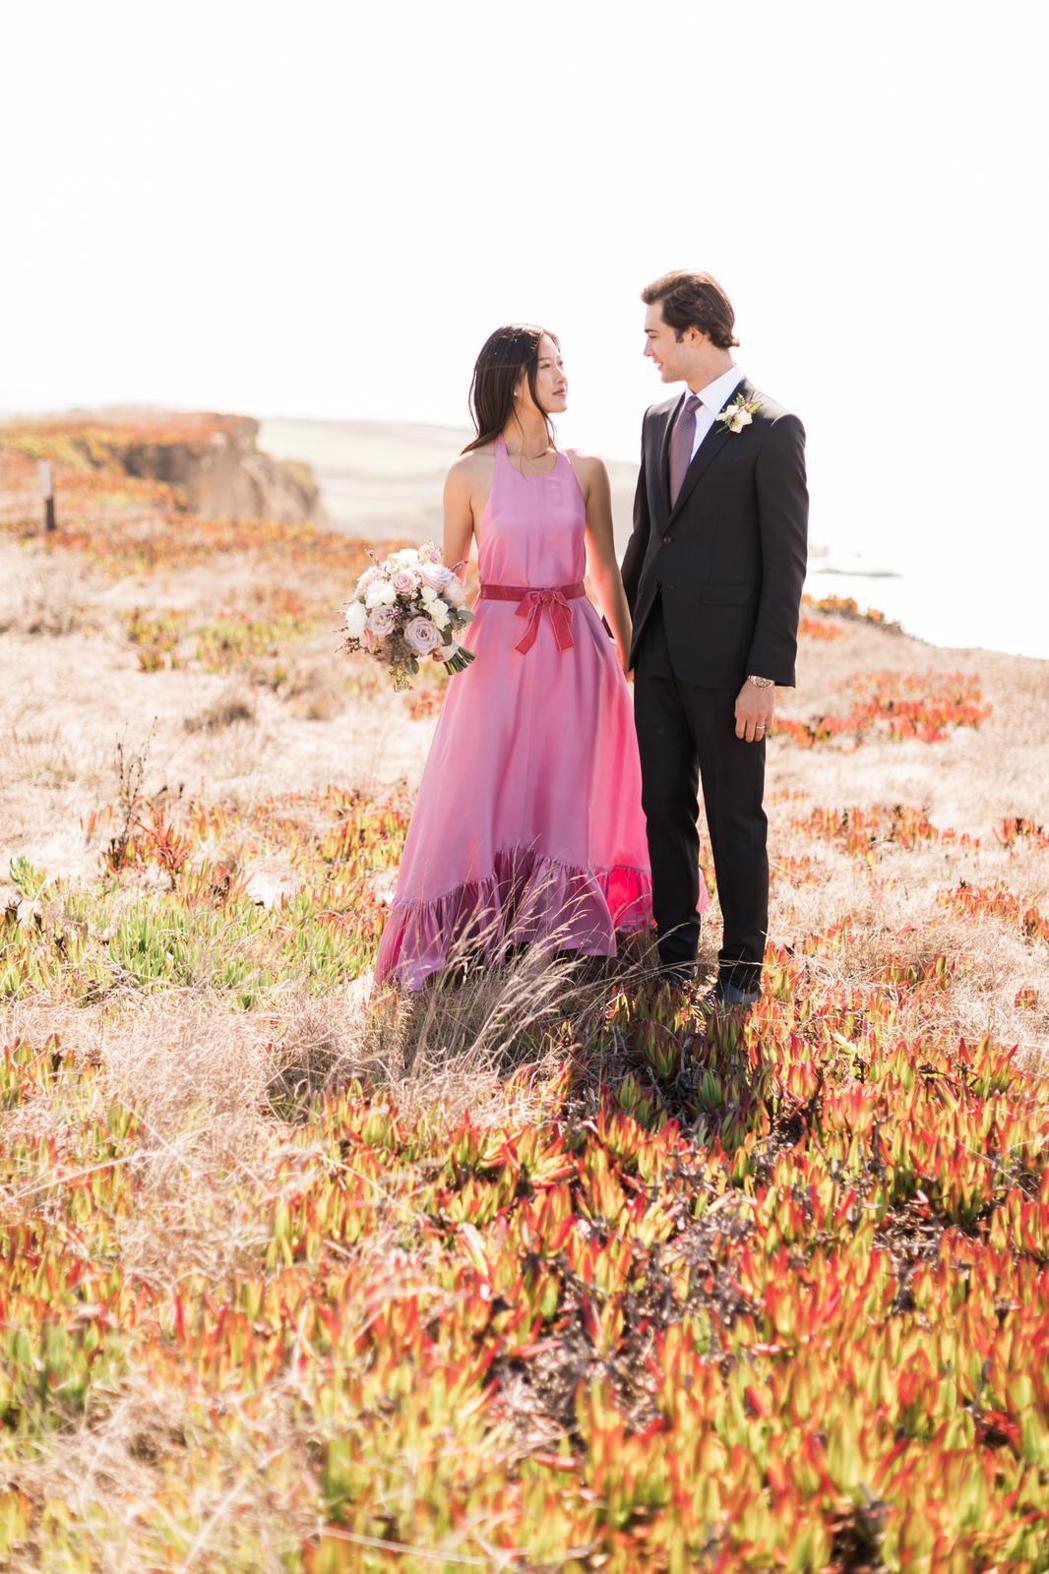 王羚在美國的婚禮簡單隆重。圖/王偉忠提供